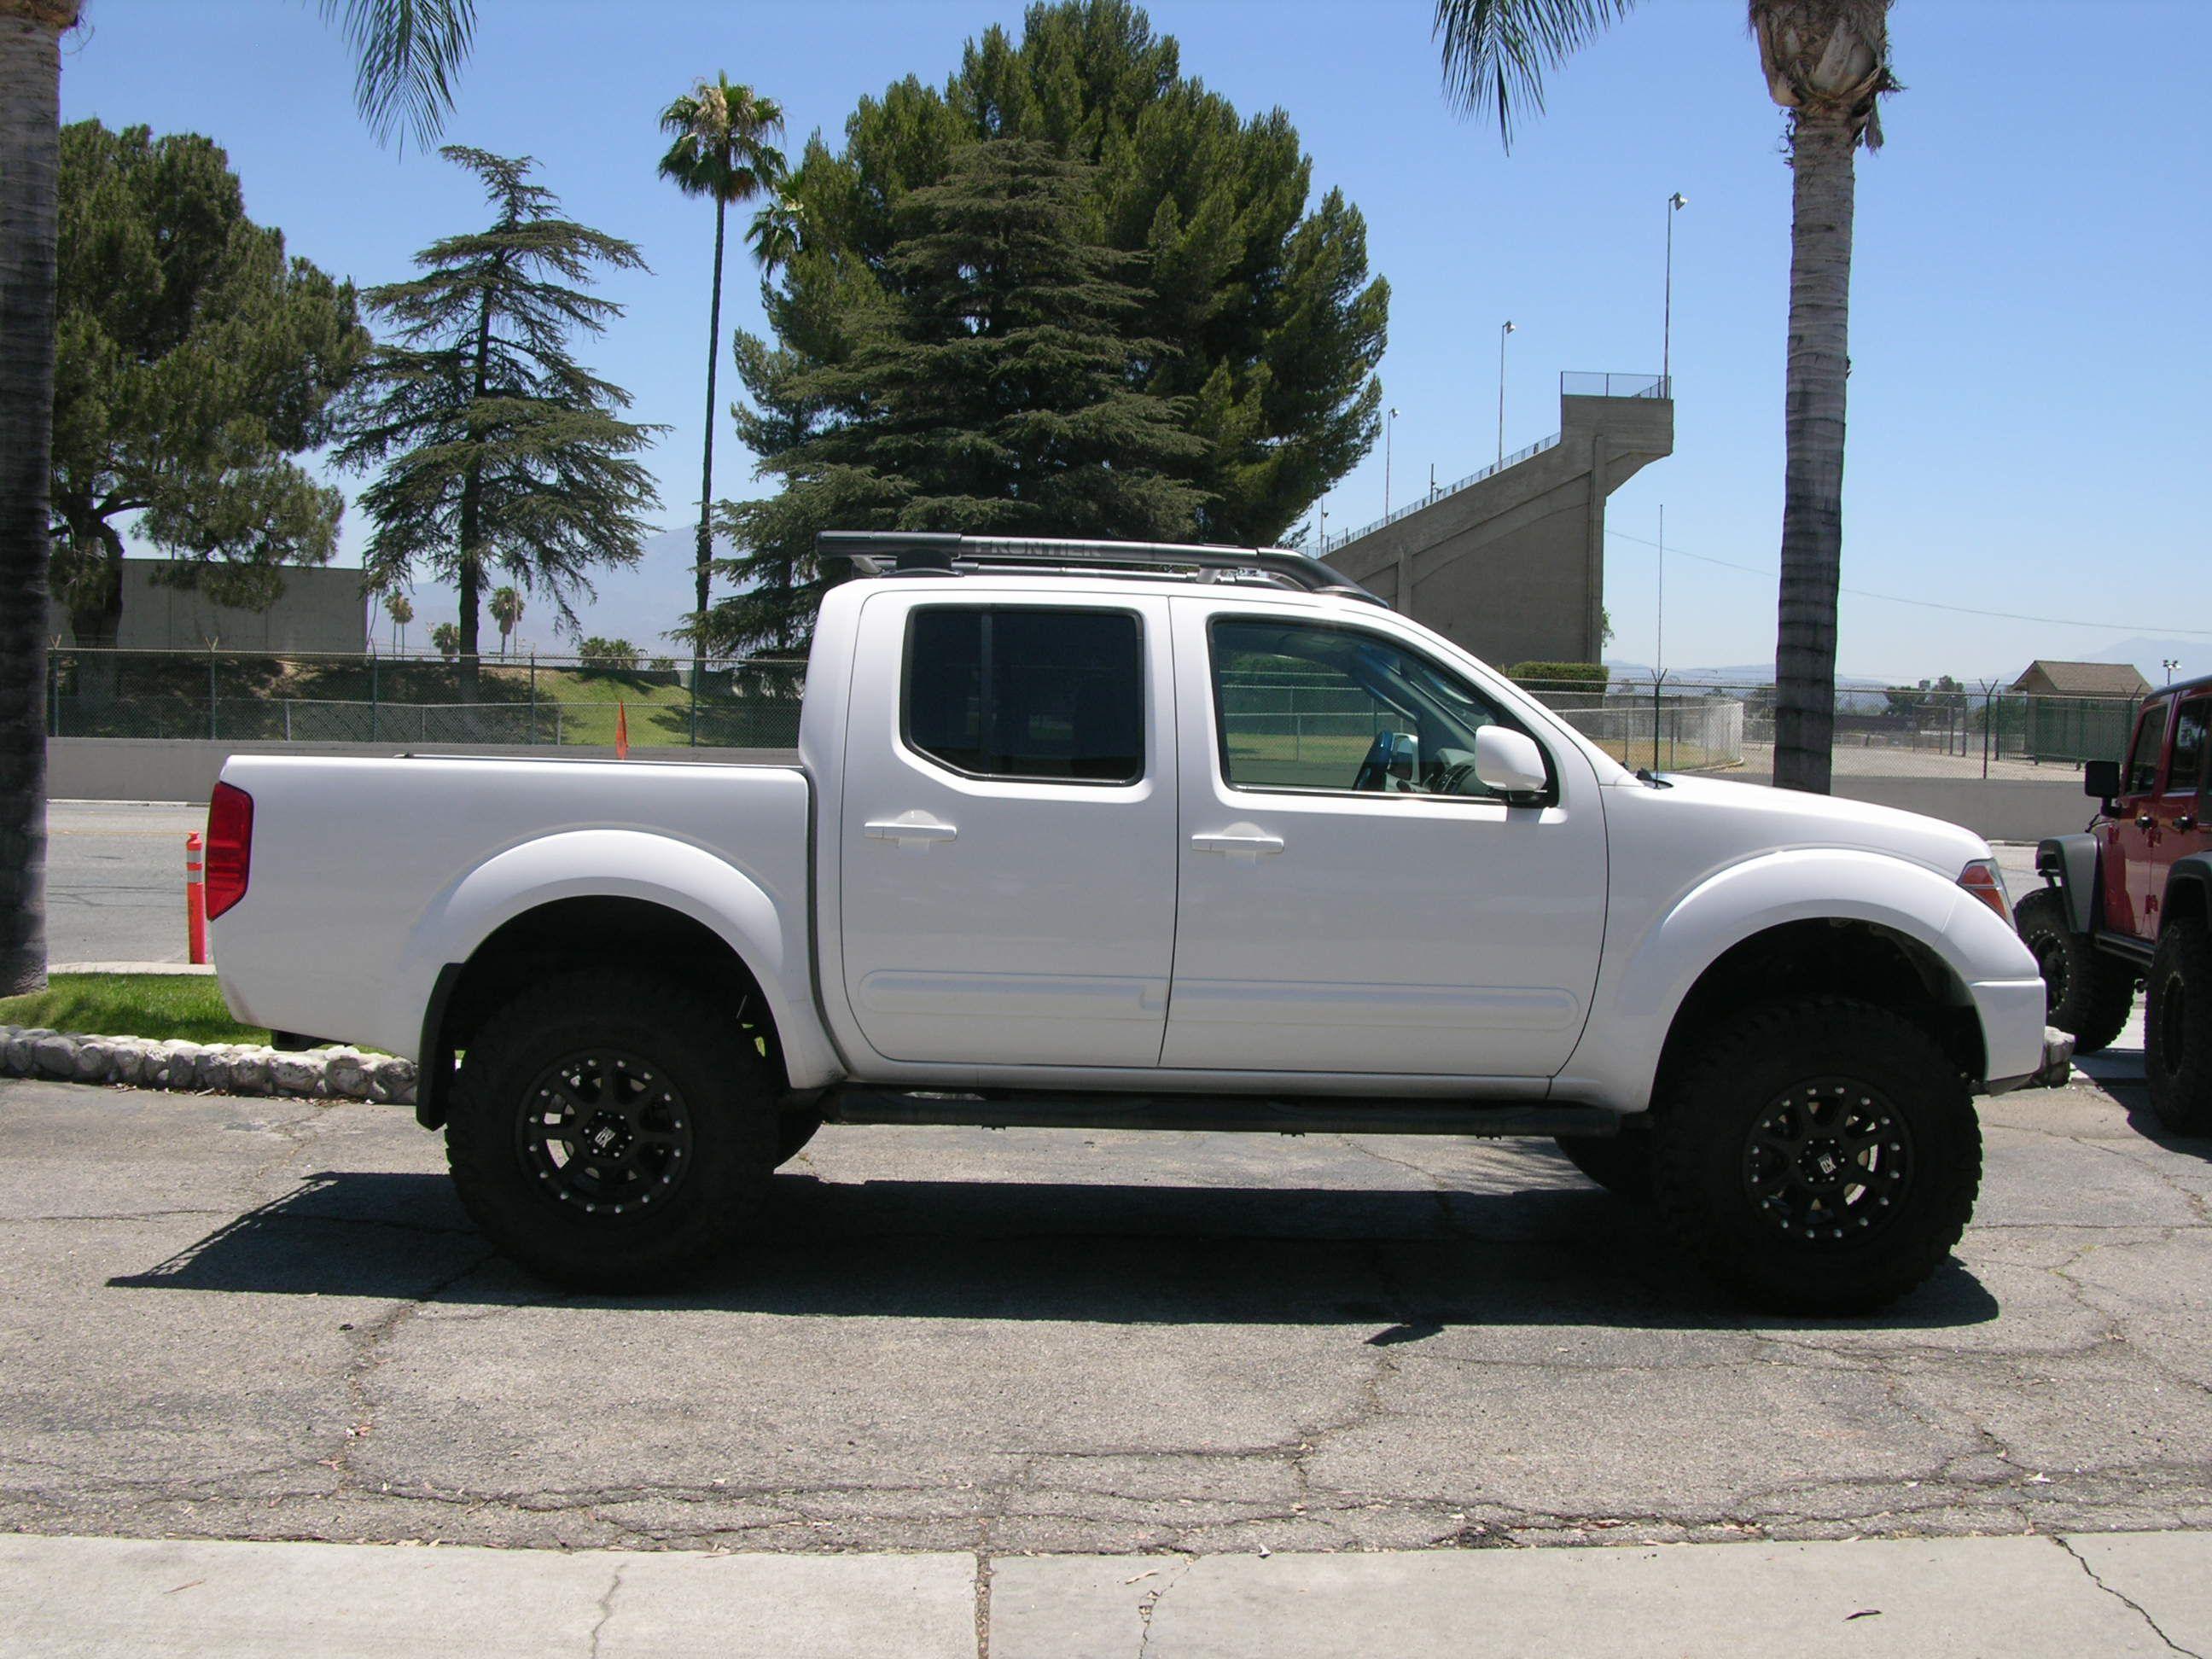 Nissan frontier 6 fabtech lift | Autoblog